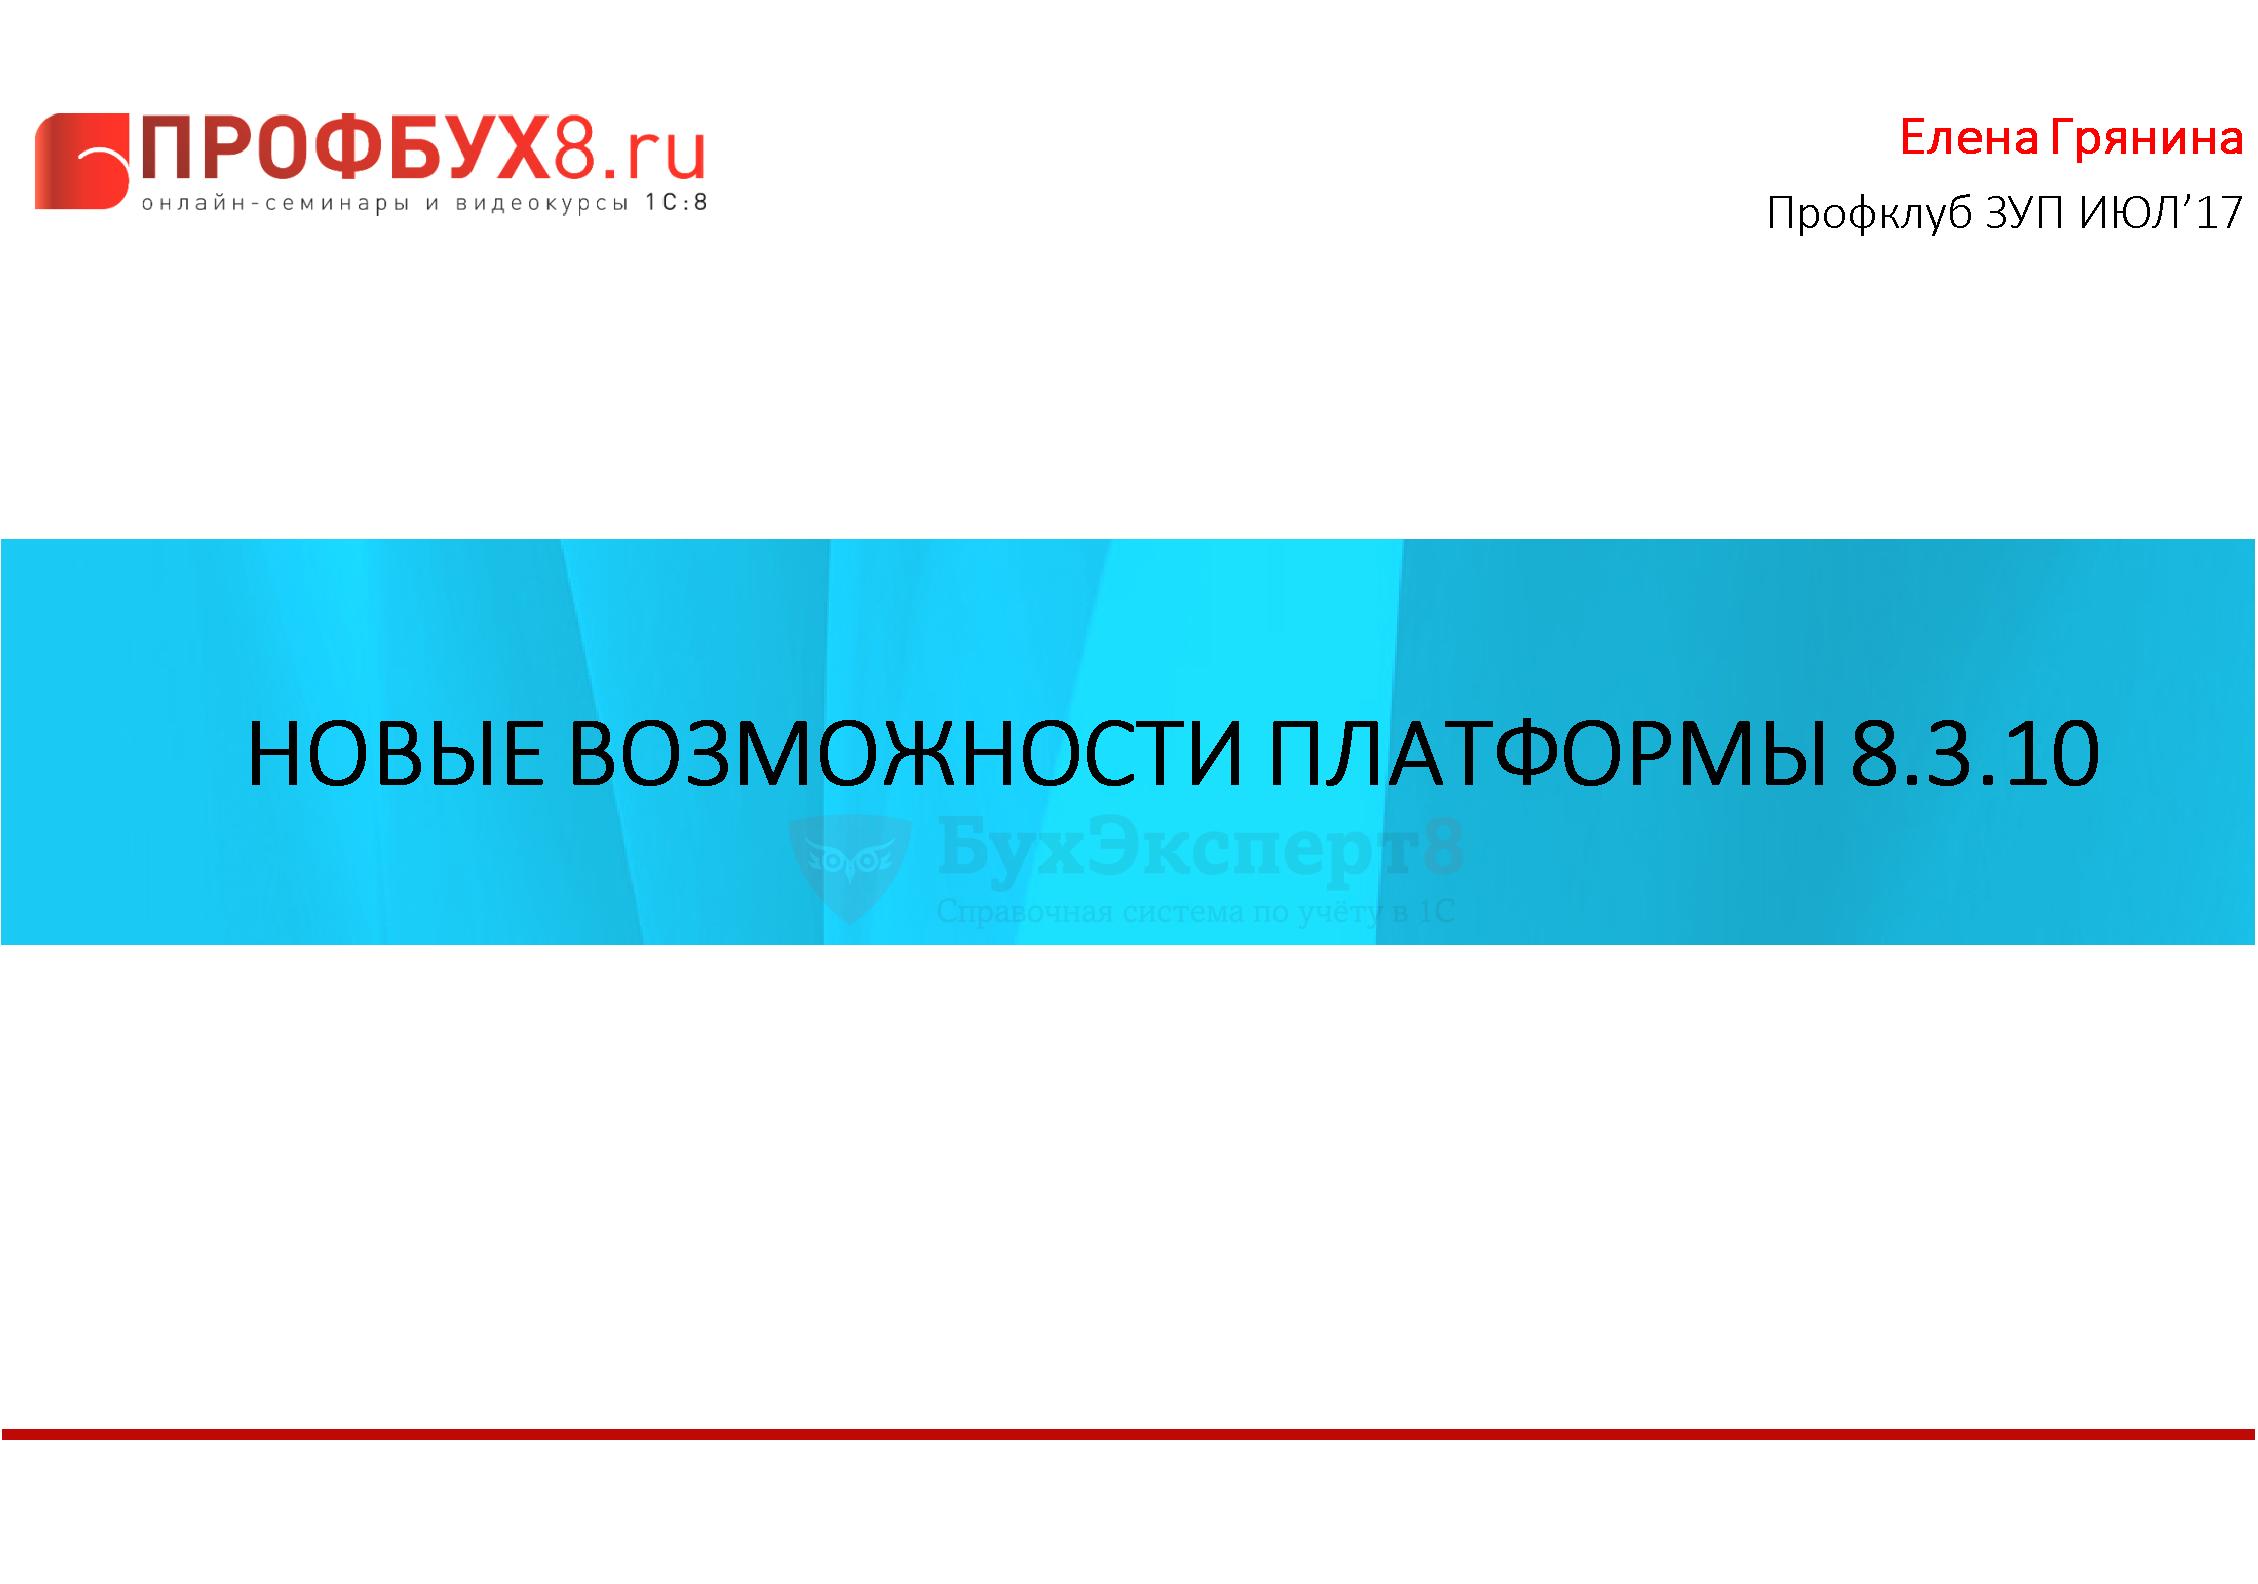 Новые возможности платформы 8.3.10